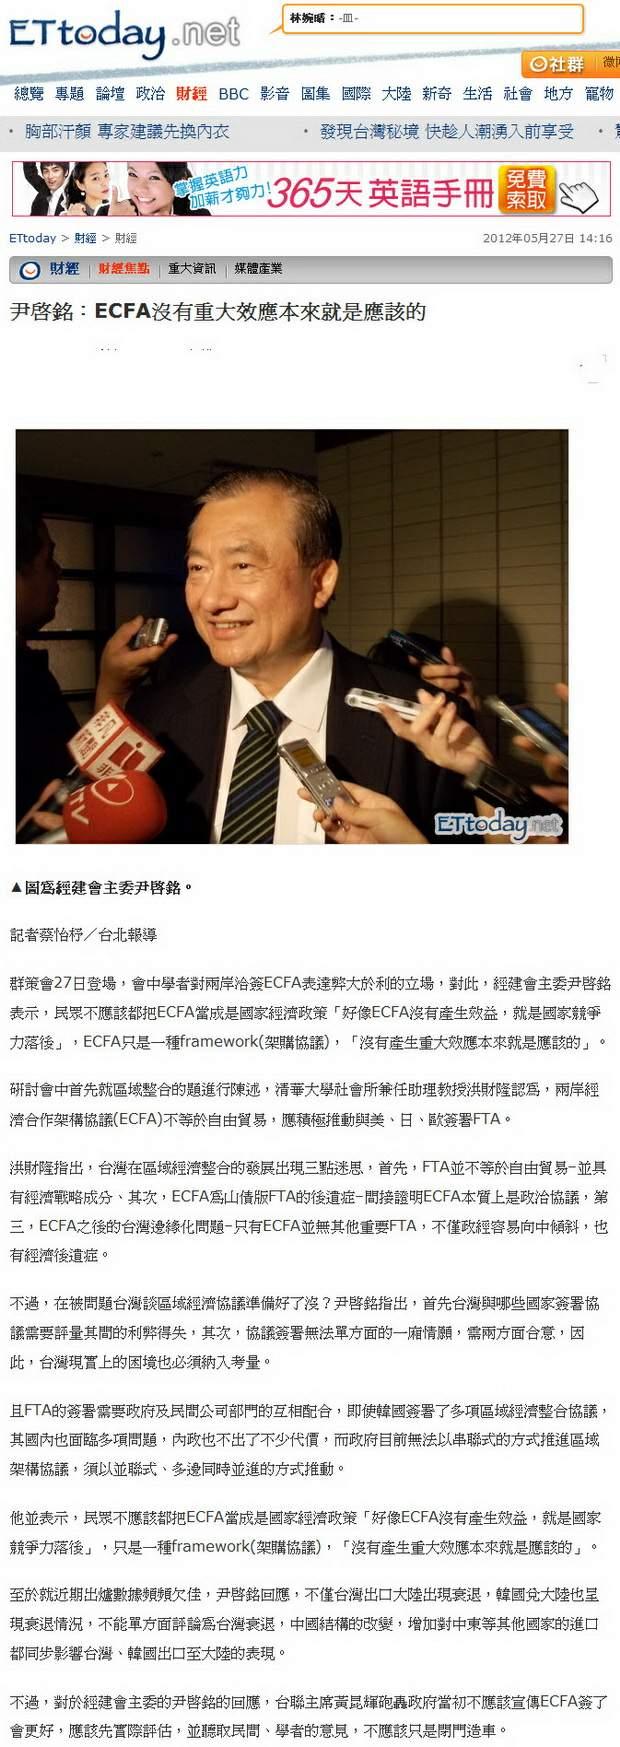 尹啟銘:ECFA沒有重大效應本來就是應該的.-2012.05.28